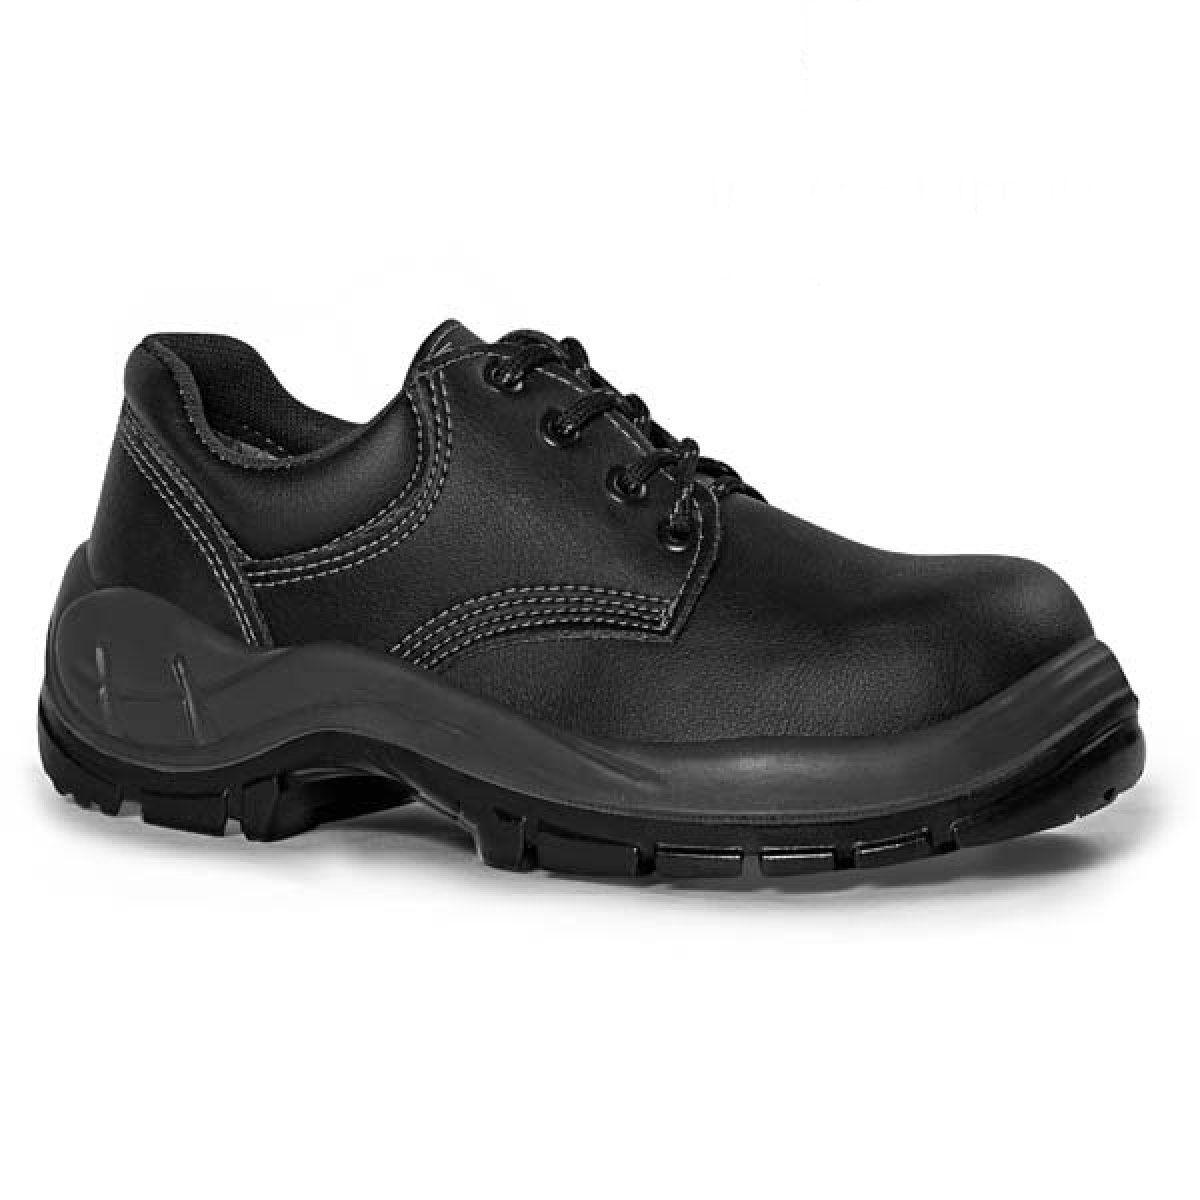 Sapato c/ Cadarço Bidensidade s/ Bico de Aço Preto N°45 - BRACOL